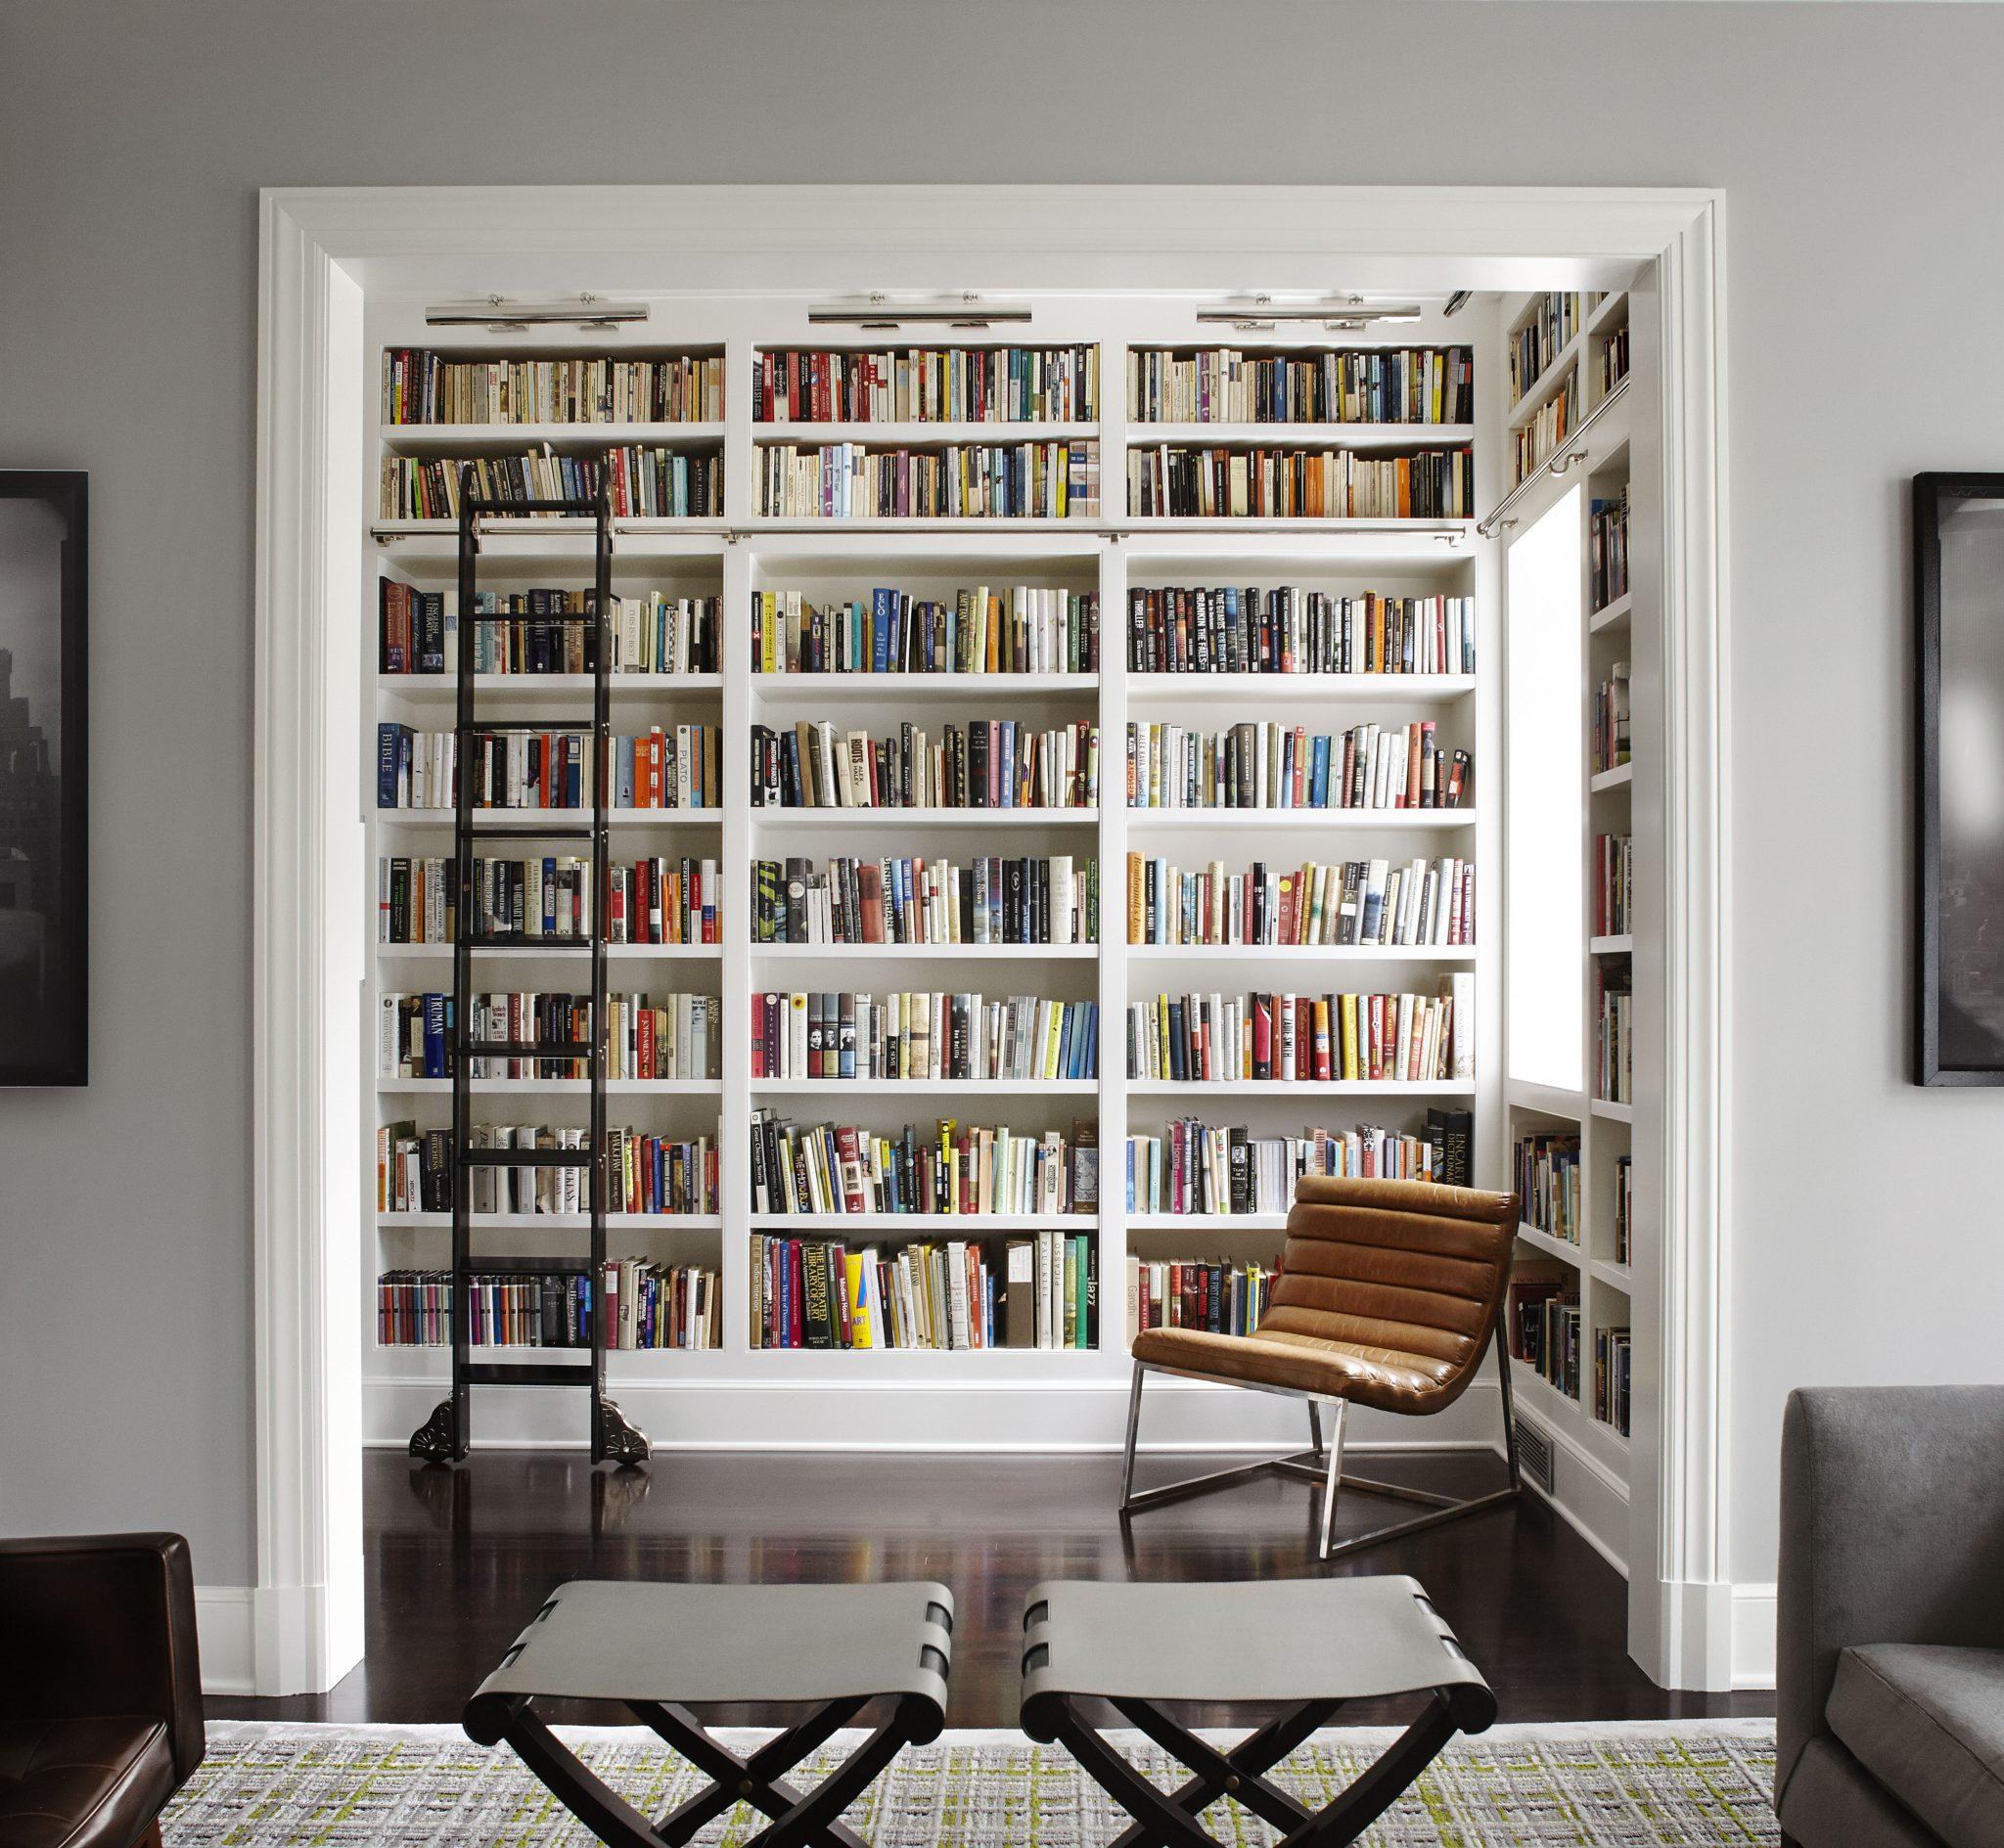 Interior design by Lichten Craig